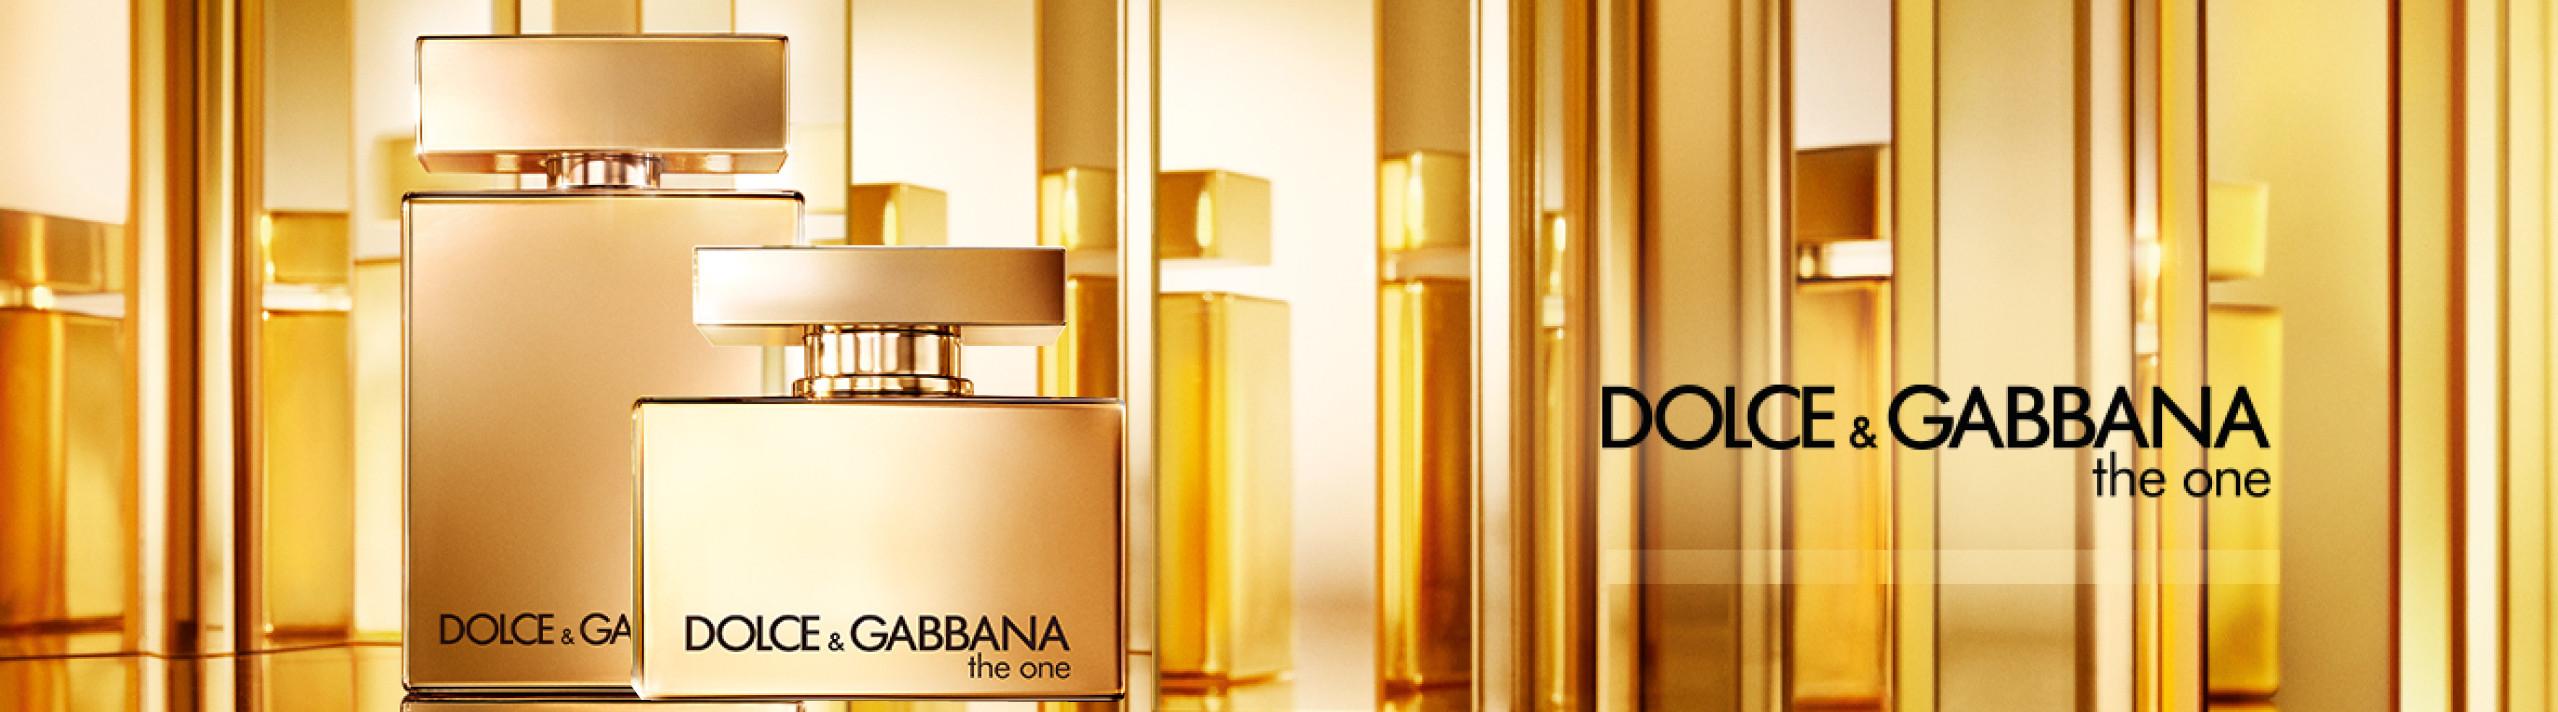 Vi presentiamo The One Gold: la nuova sorprendente fragranza per lui e per lei in serie limitata